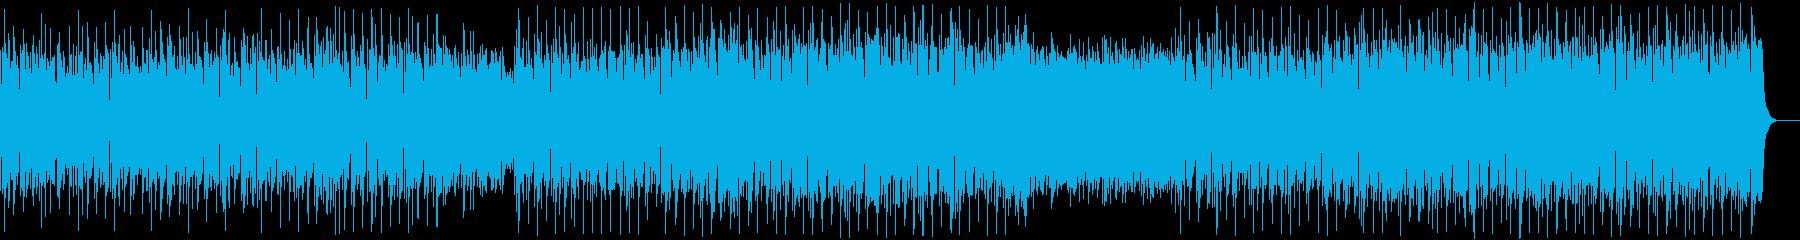 爽やか・透明感・始まり・アコギ AD13の再生済みの波形